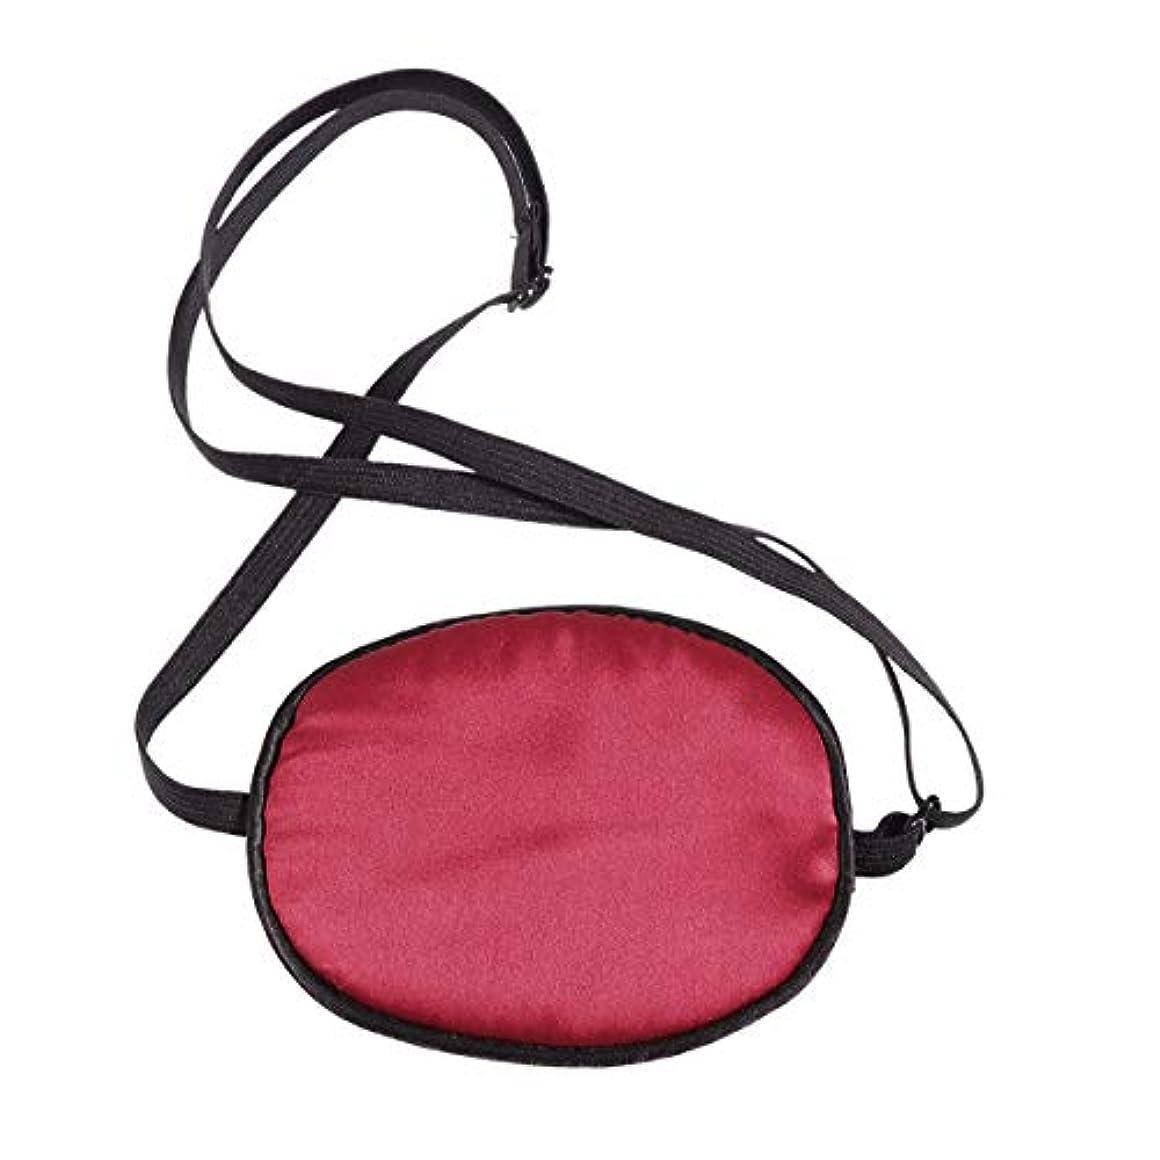 忠実シットコム宿題をするHEALIFTY 睡眠の目隠し調節可能な絹の海賊目のパッチ子供の弱視のためのソフトで快適な単一の目のマスク正面の怠惰な目